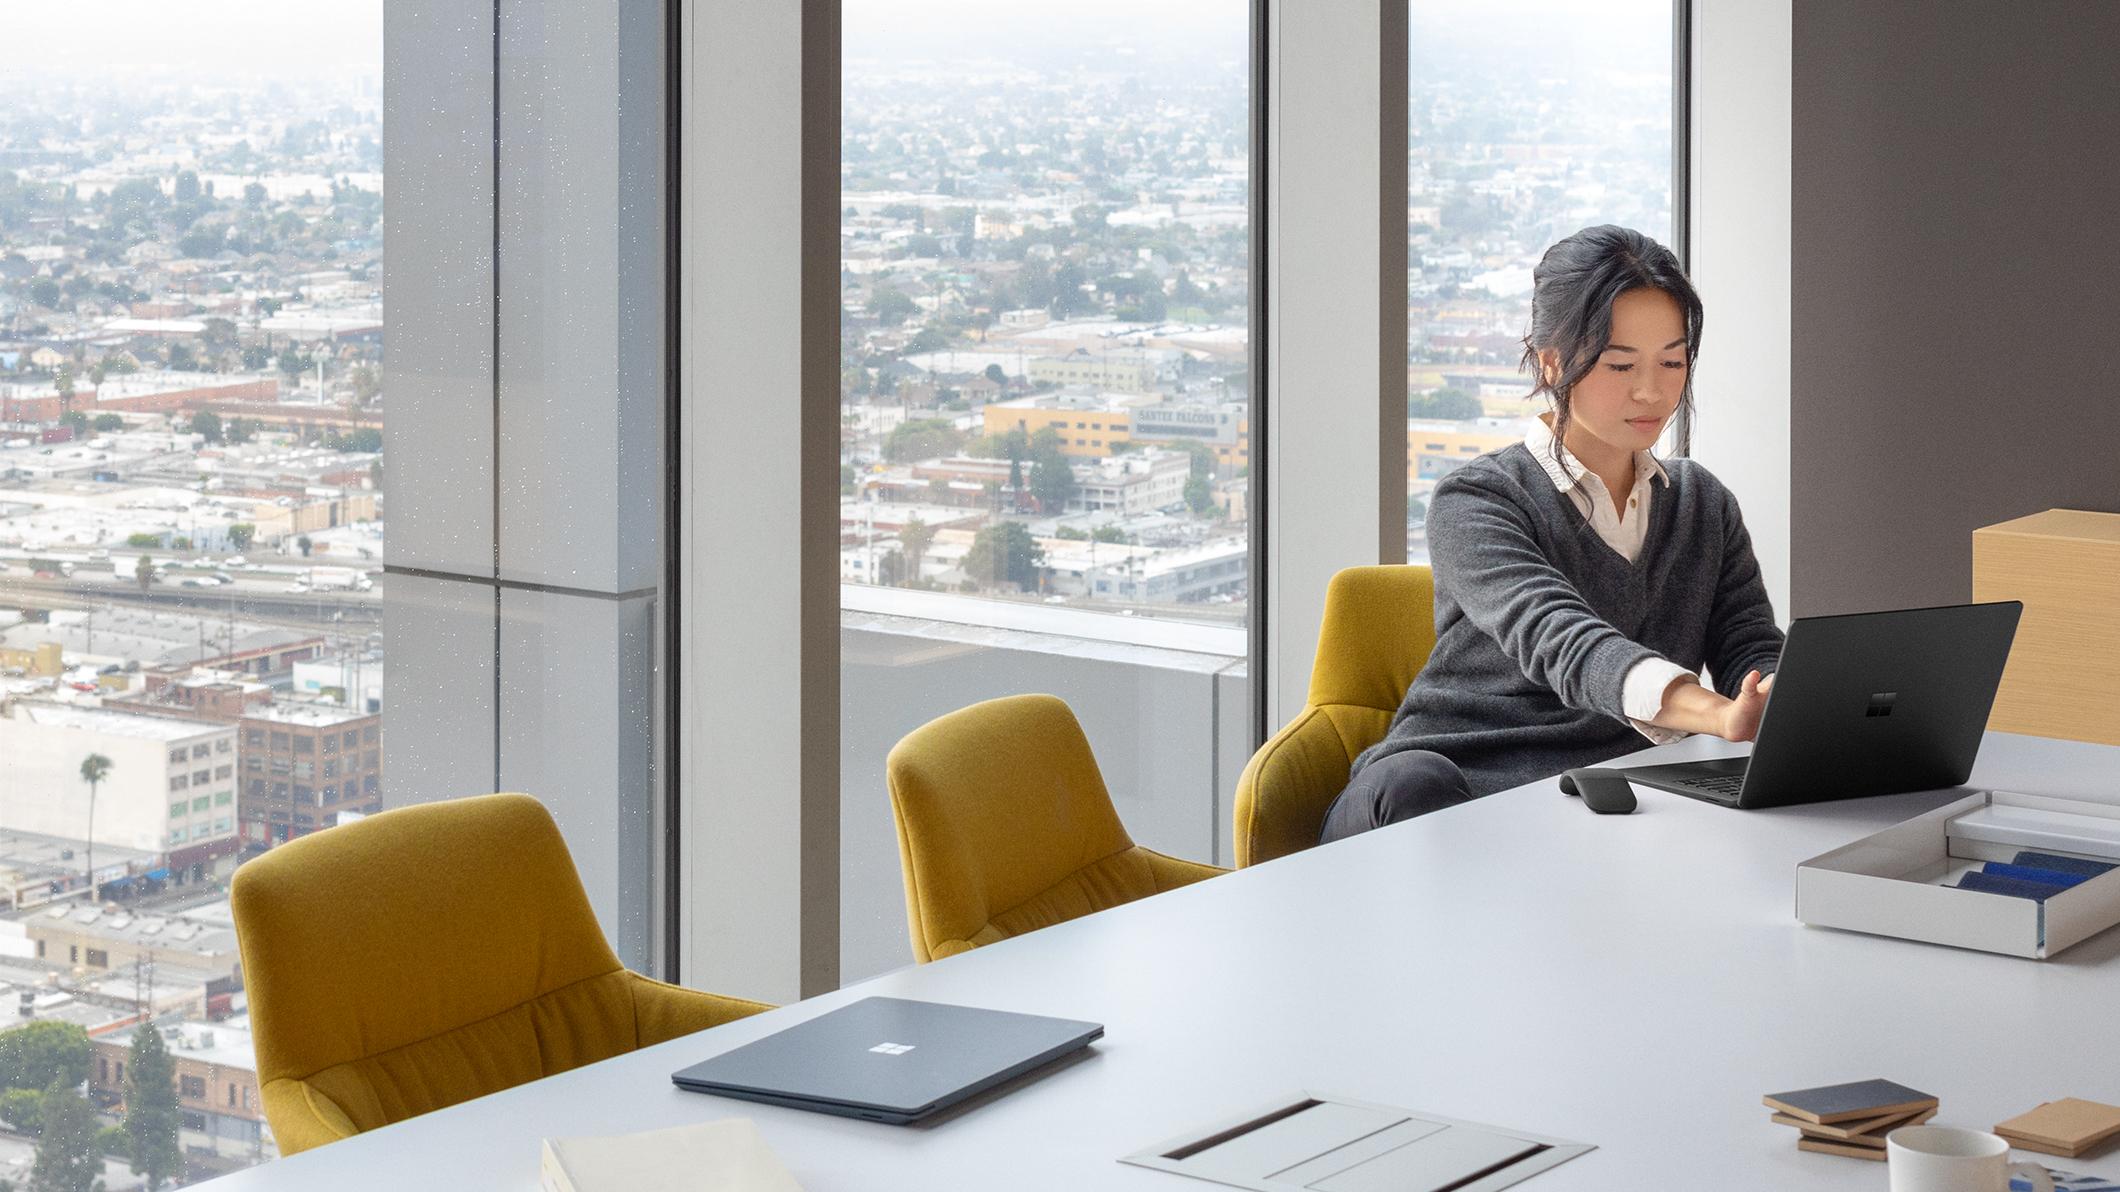 Eine Frau arbeitet mit einem Laptop in einem Konferenzraum.